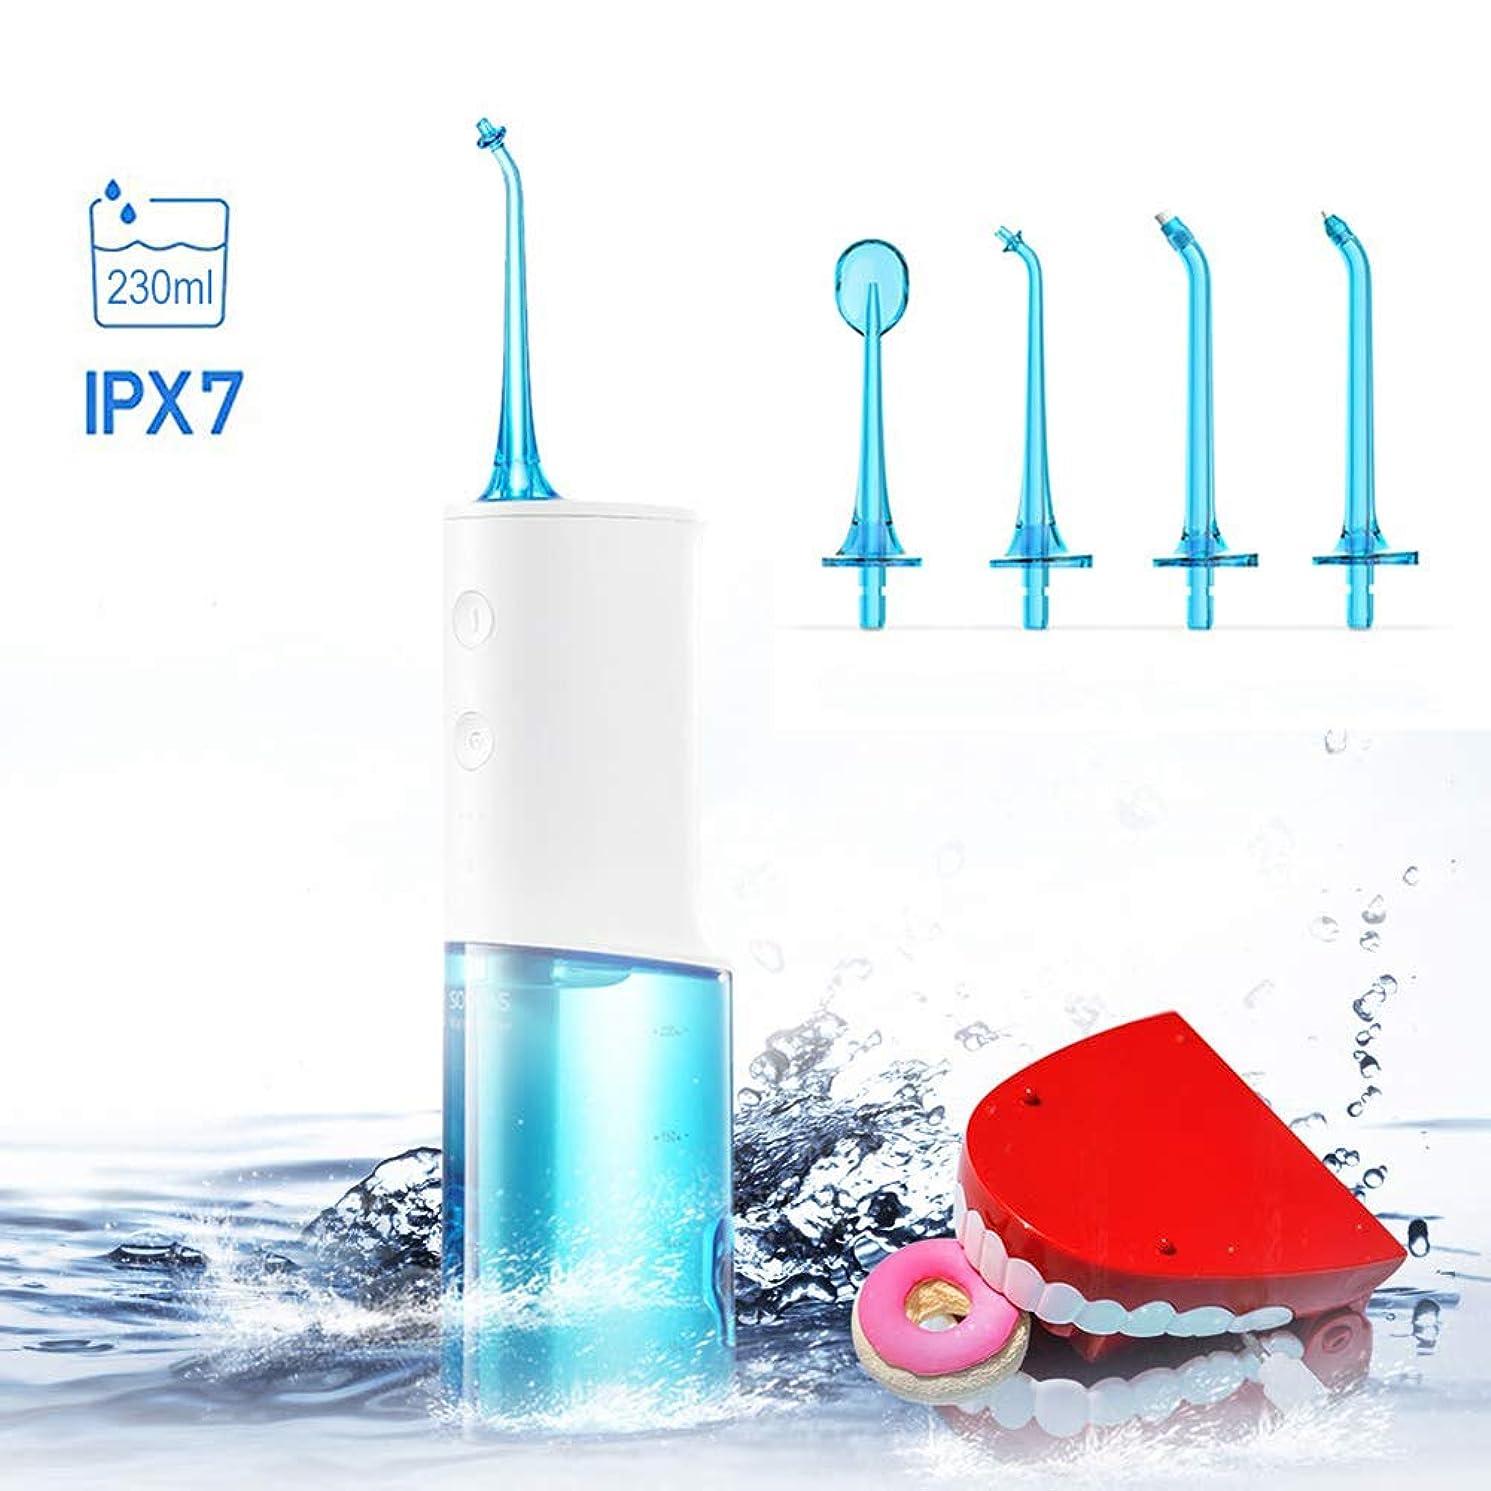 火山の秘密の静けさ口腔洗浄器、歯のための再充電可能なポータブル230ミリリットル容量灌漑、IPX7防水、3つのモードと4つのジェットチップ